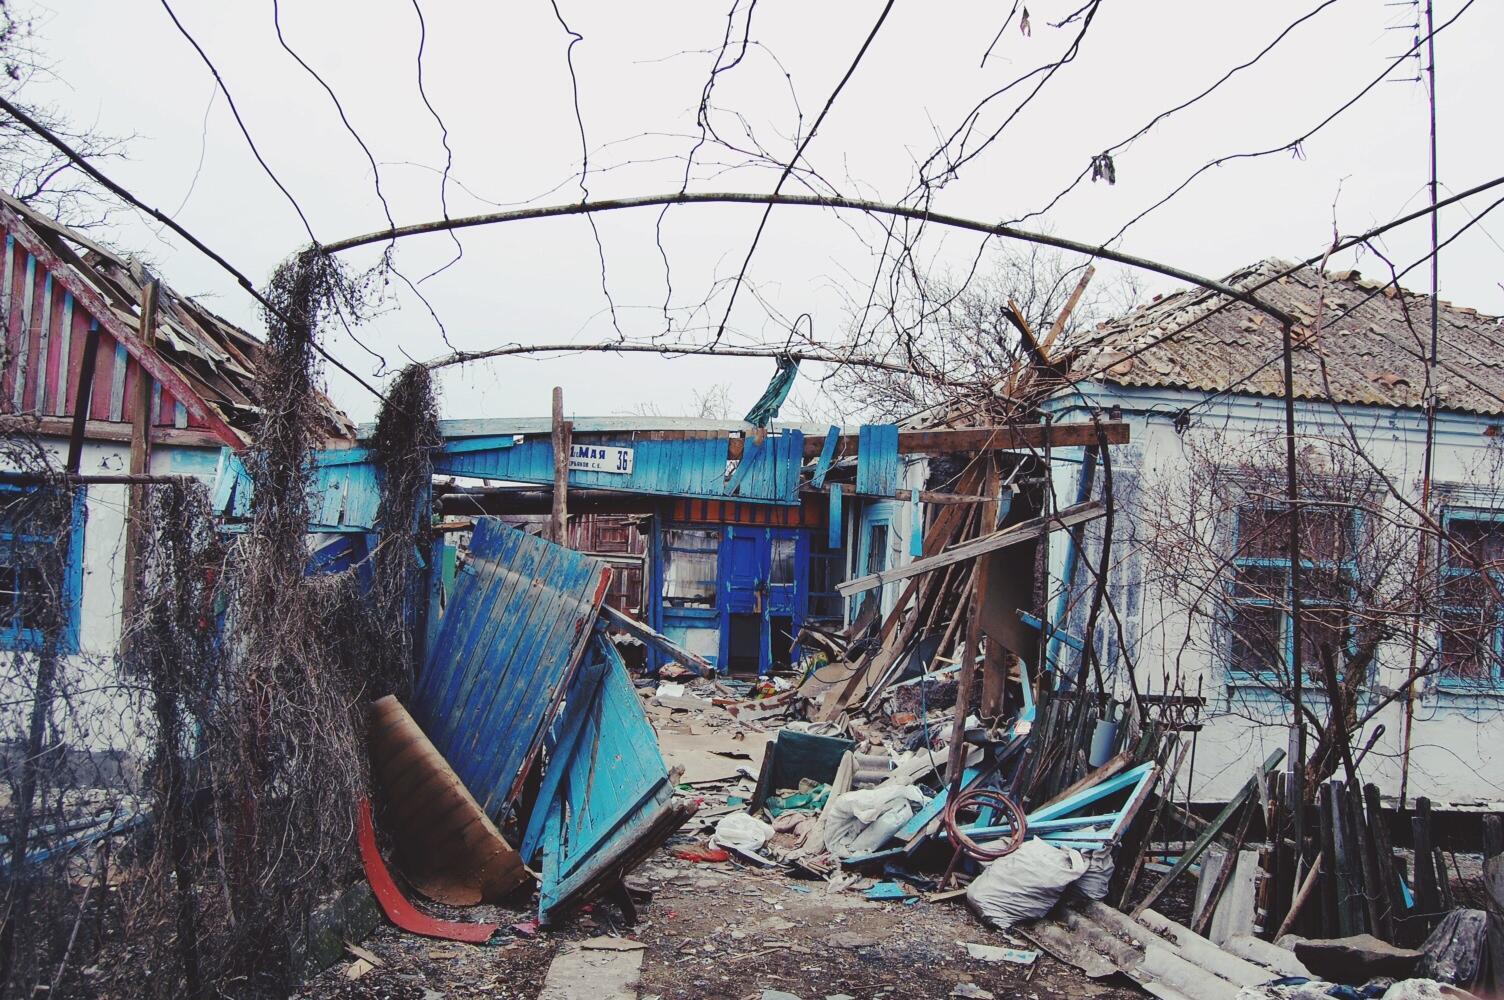 Часть домов в селе серьезно пострадала в ходе обстрелов, Павлополь, 3 марта 2015